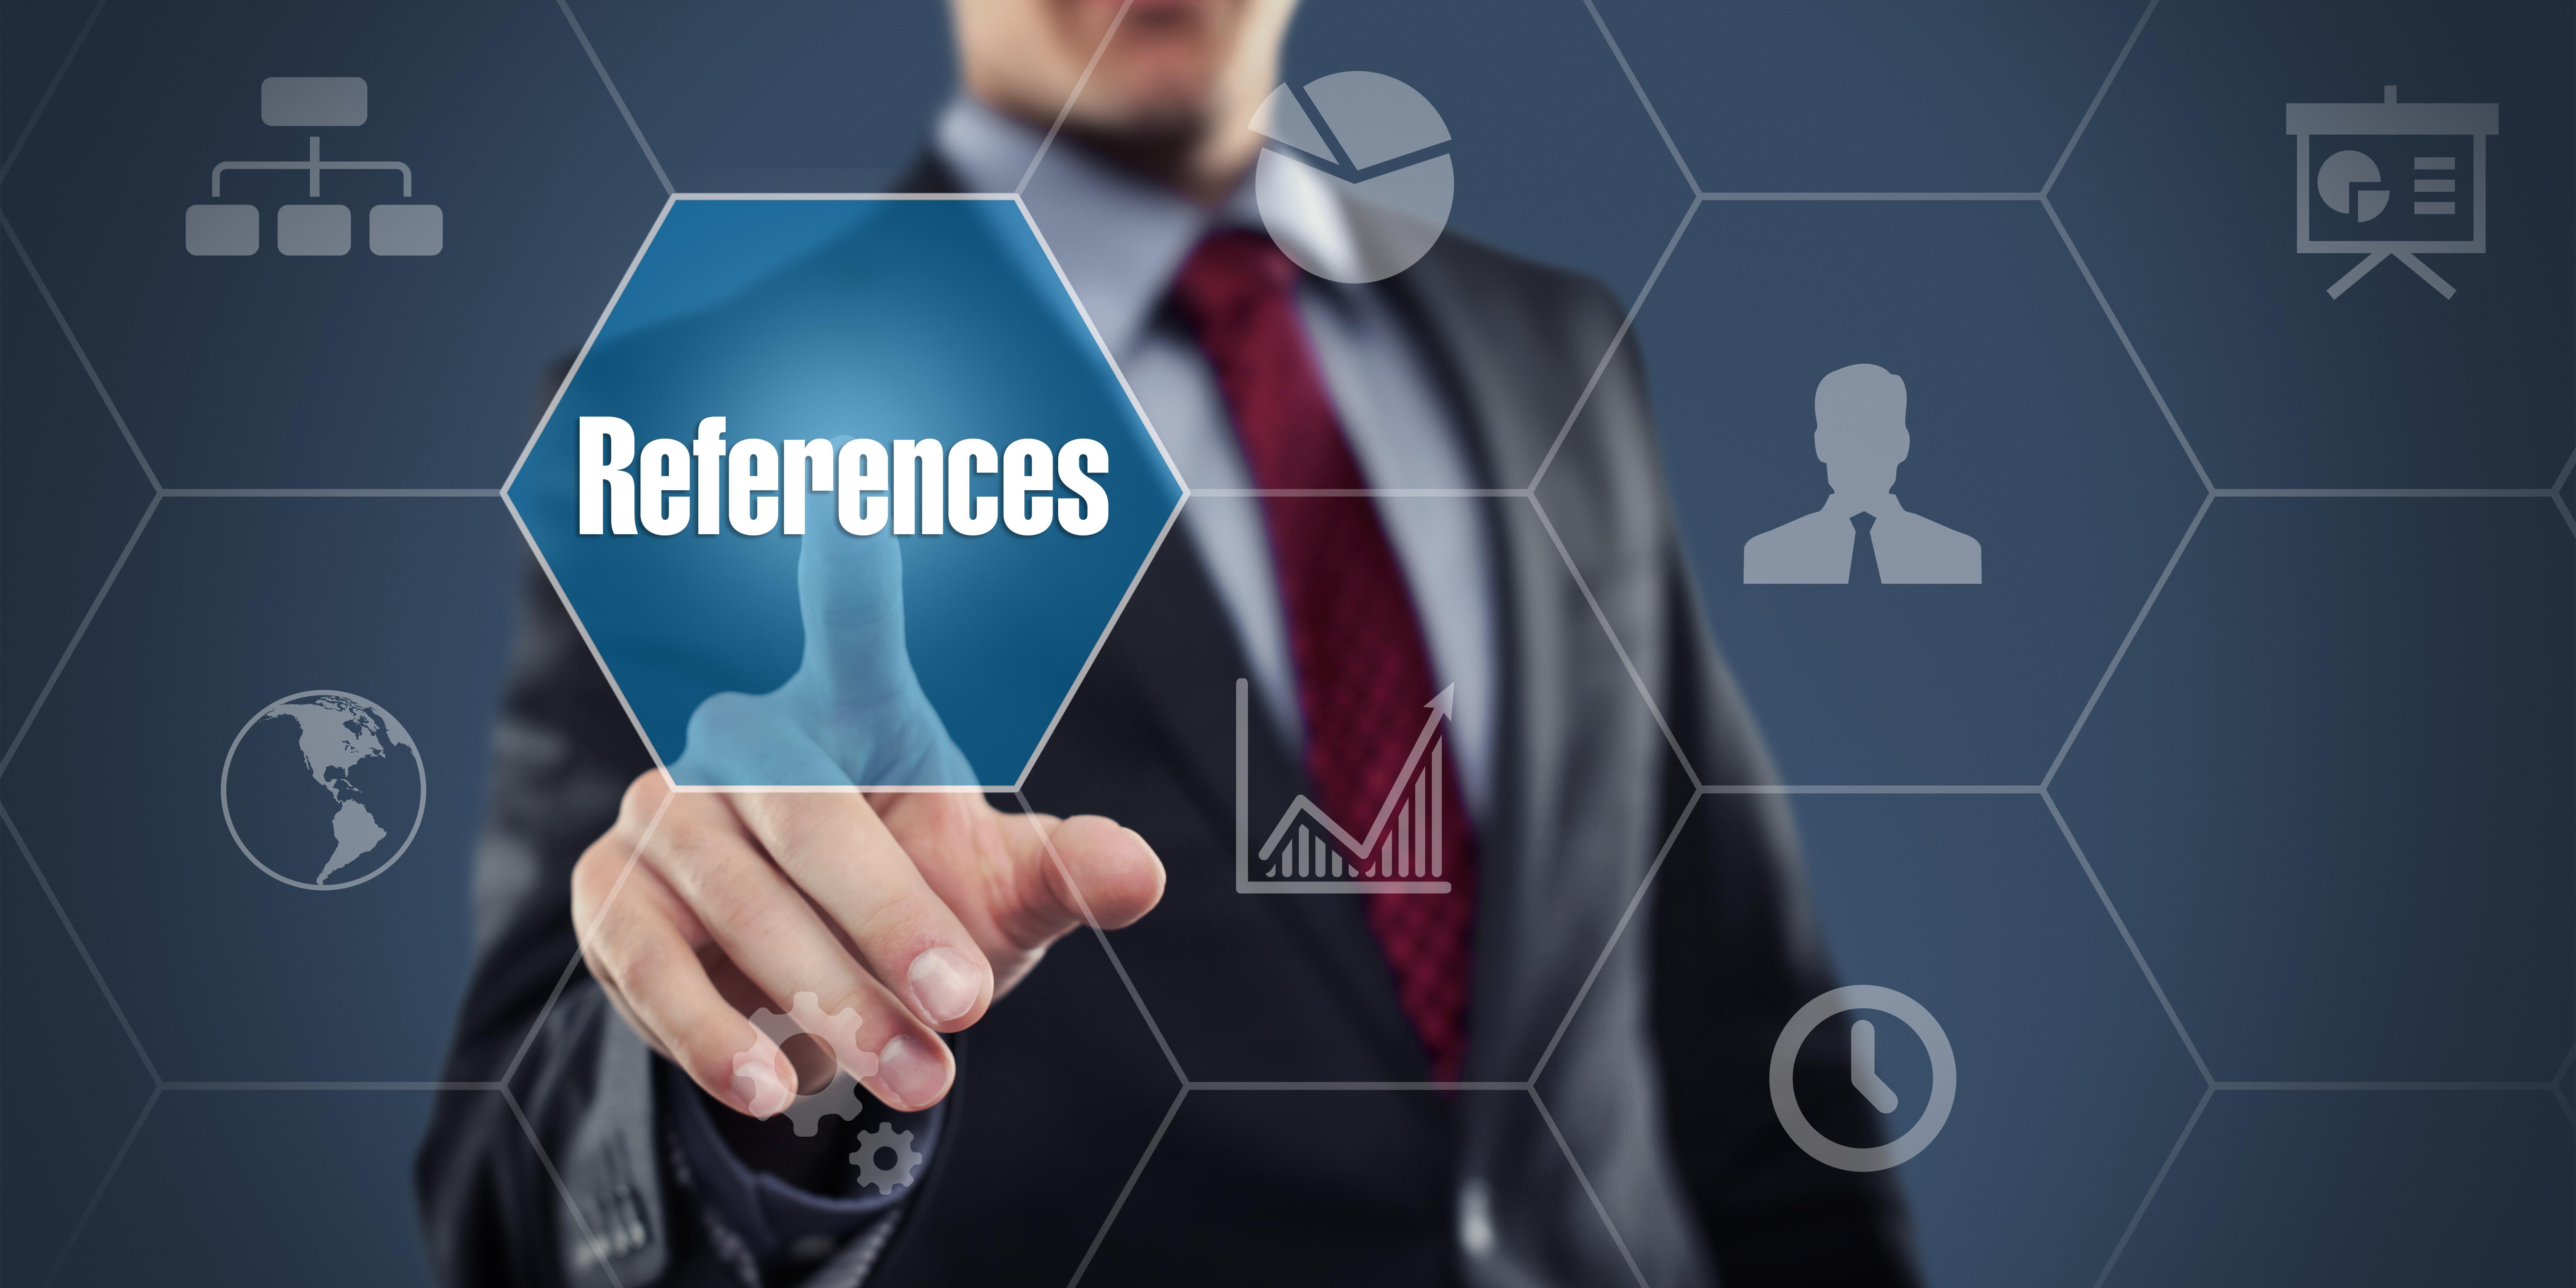 Education verification , employment verification , education verification, employment verification, professional references, education, professional